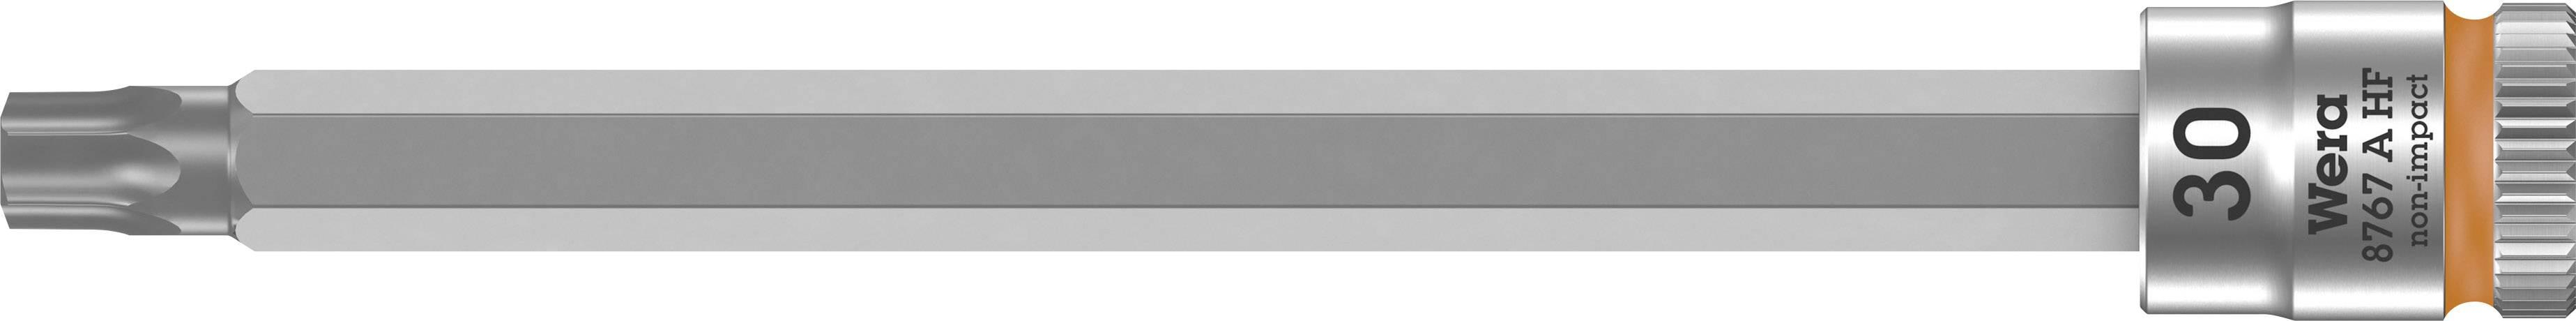 """Nástrčný klíč Wera 8767 A, TORX, 1/4"""" (6,3 mm), chrom-vanadová ocel 05003370001"""